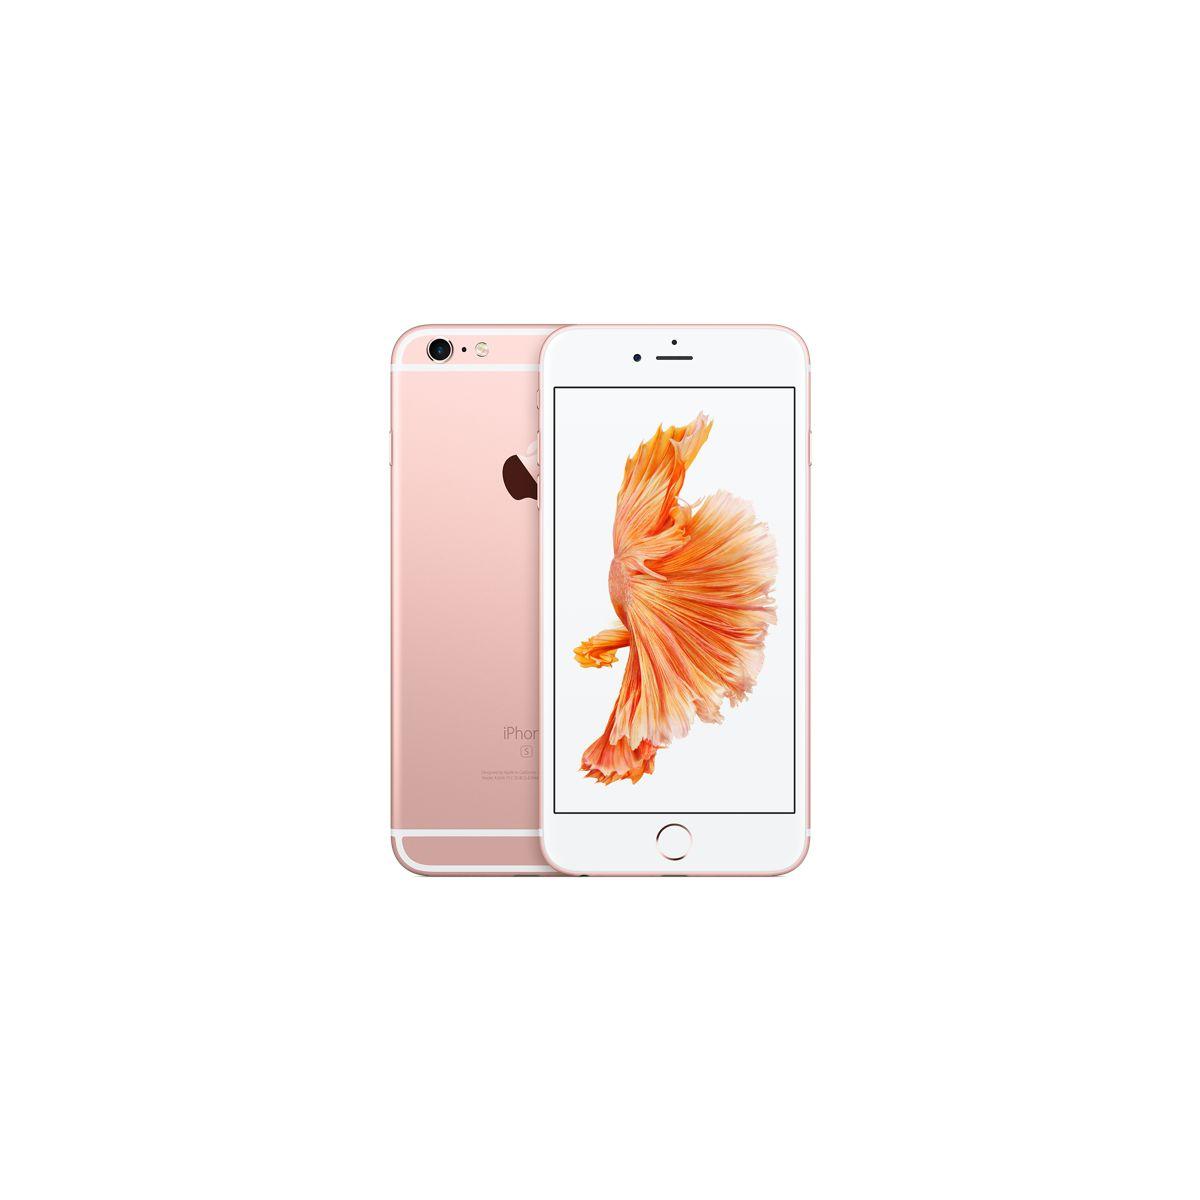 APPLE iPhone 6S Plus 16Go Or rose (photo)